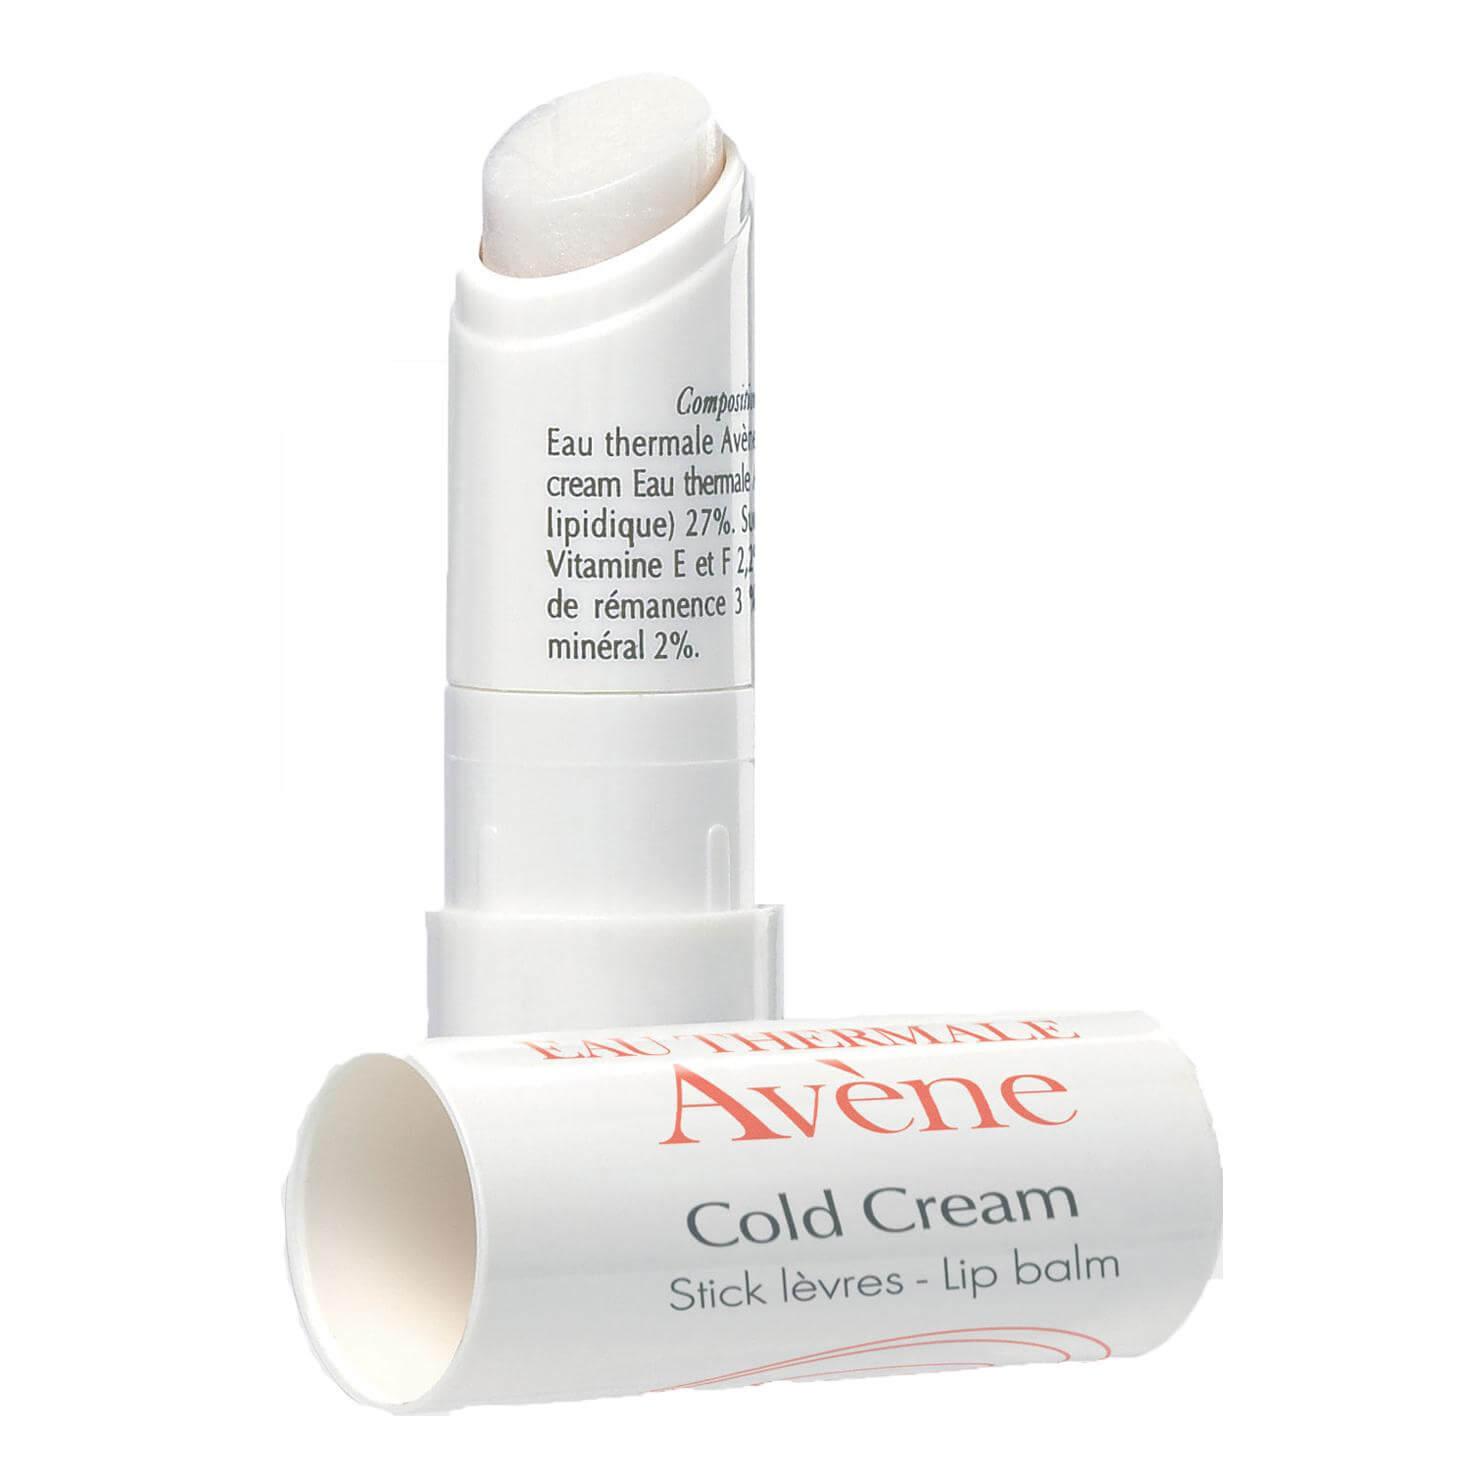 Avène Cold Cream Stick Levres Ξηρά & Ταλαιπωρημένα Χείλη 4g